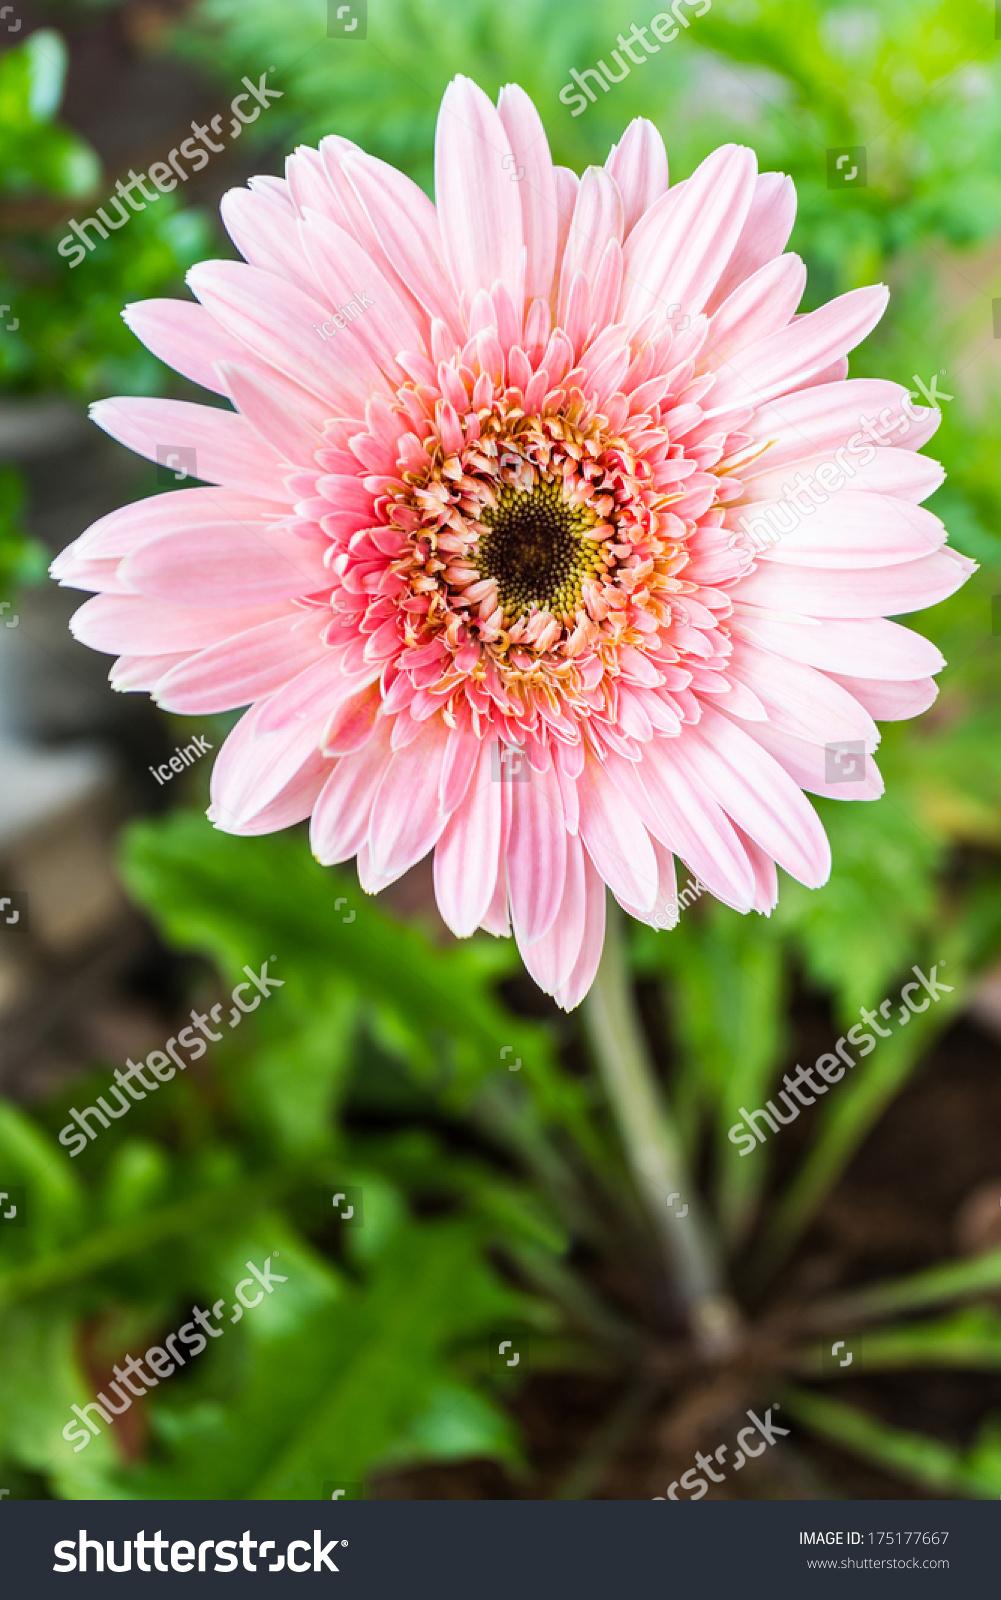 Closeup Of A Pink Gerbera Daisy Flower Ez Canvas